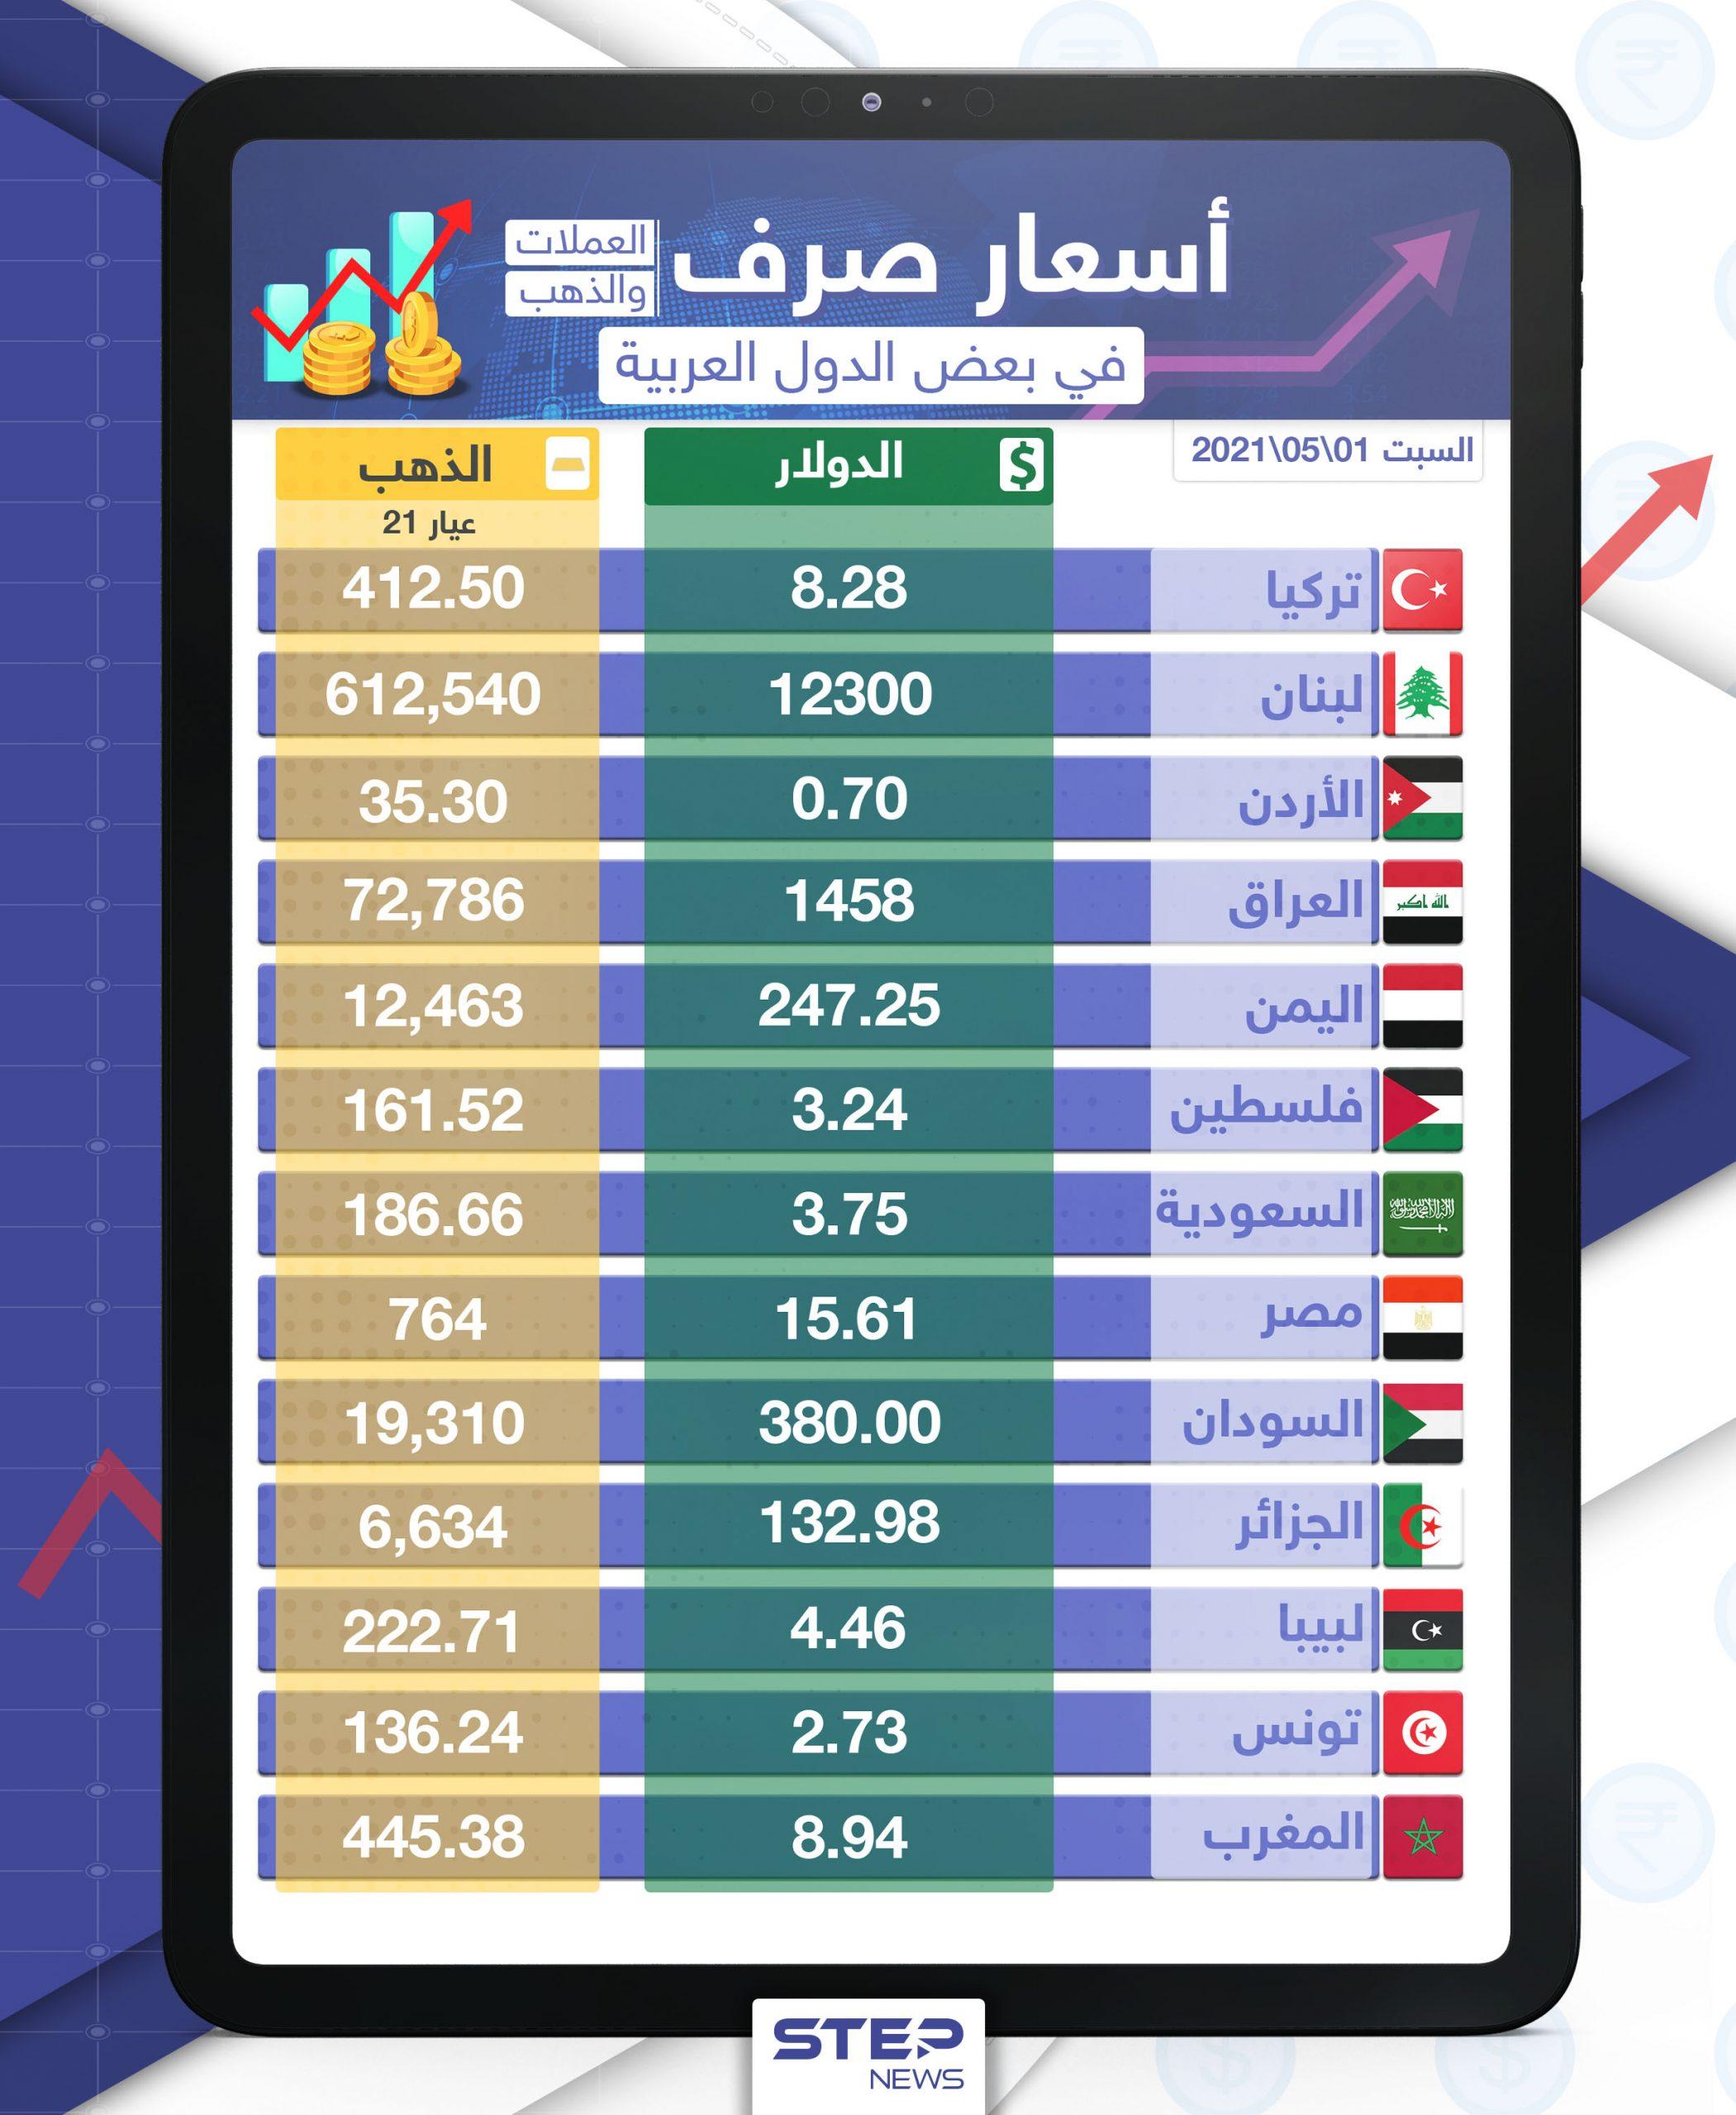 أسعار الذهب والعملات للدول العربية وتركيا اليوم السبت الموافق 01 أيار 2021